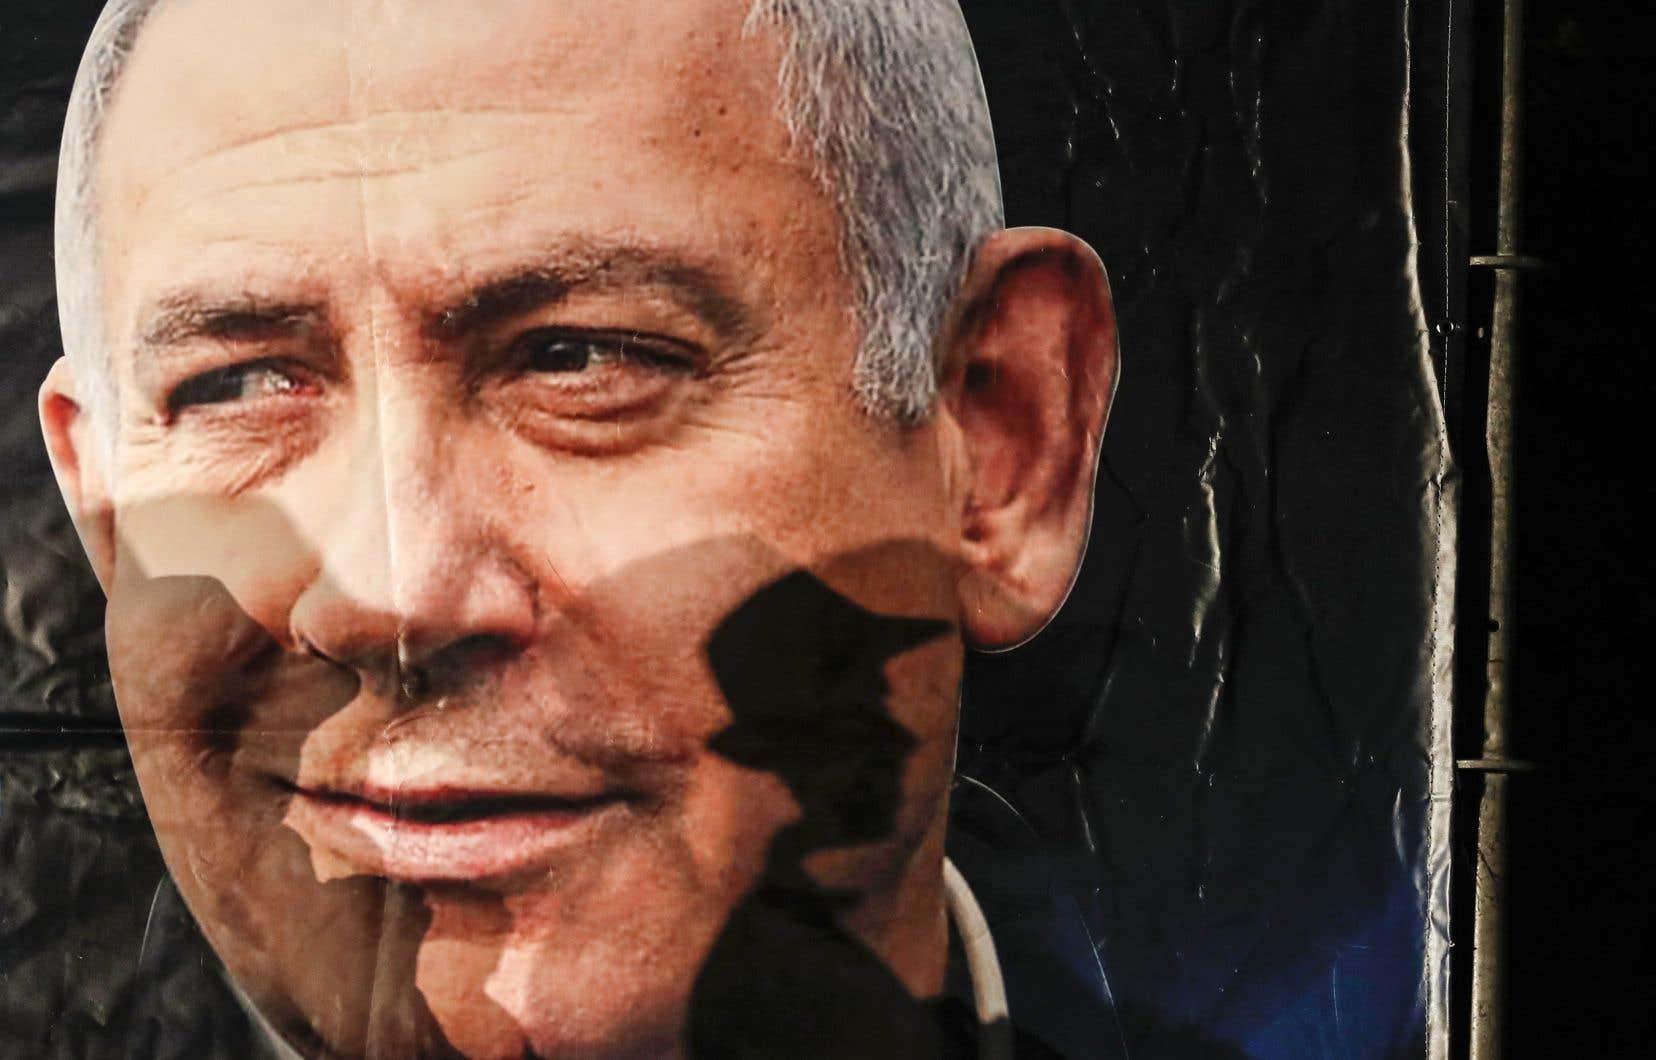 Le premier ministre d'Israël, Benjamin Nétanyahou, a été inculpé fin novembre pour corruption, abus de confiance et malversations dans une série d'affaires.